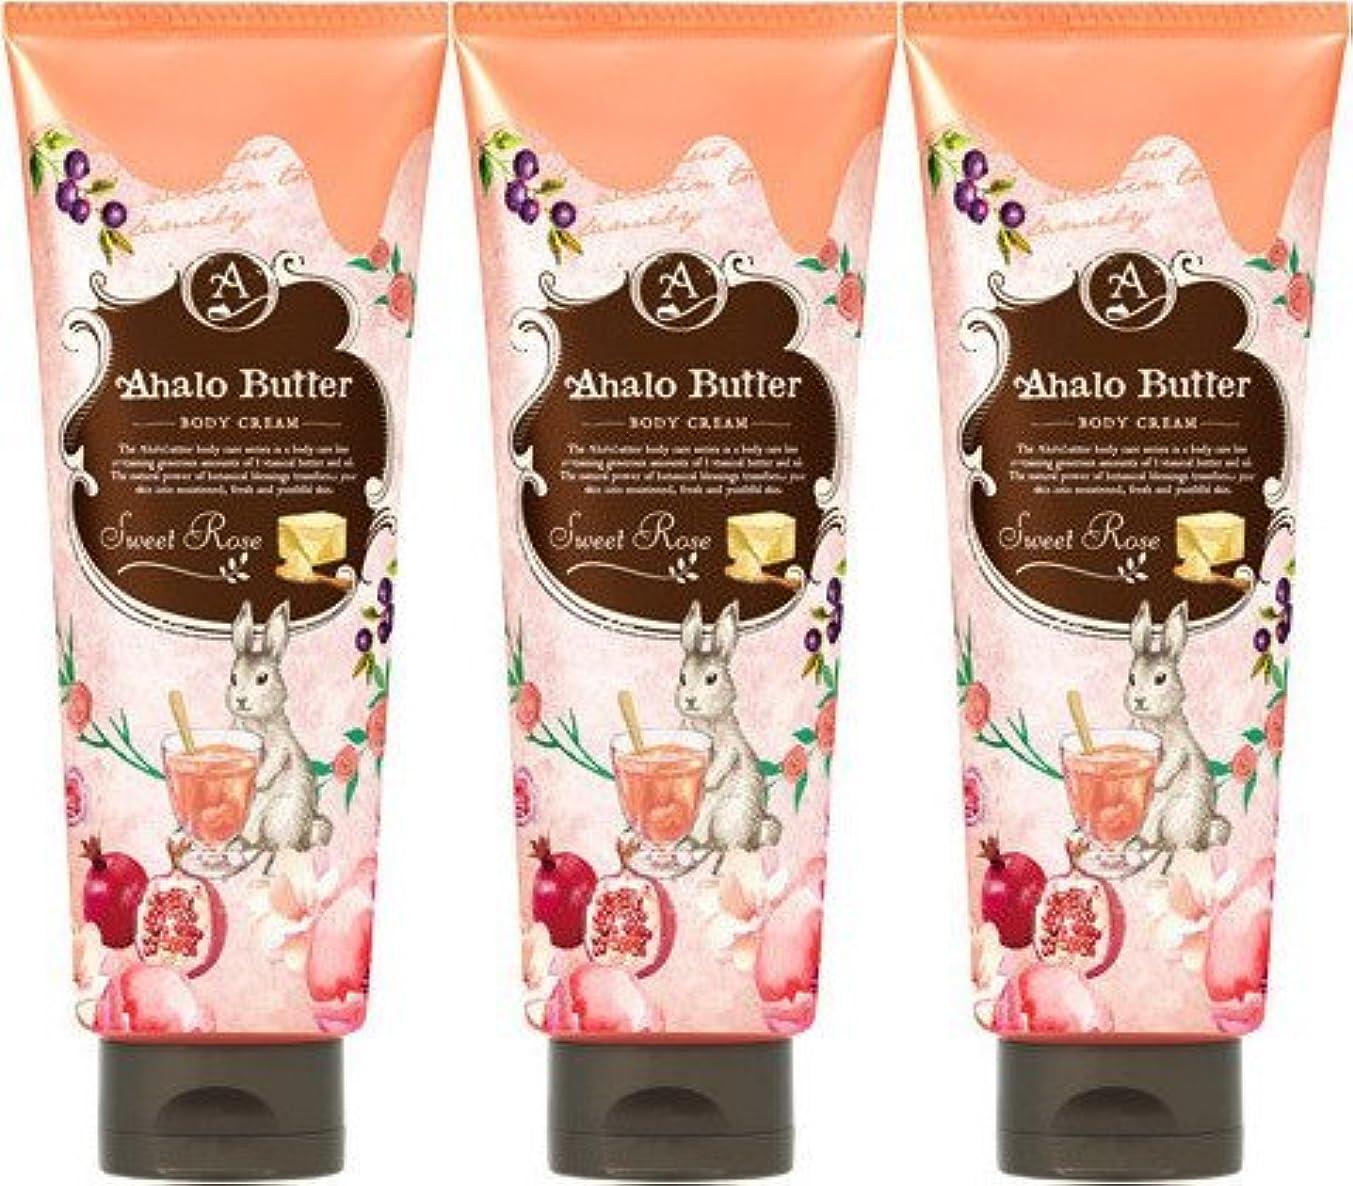 太鼓腹潮残り【3個セット】Ahalo butter(アハロバター) ボディクリーム スウィートローズ 150g